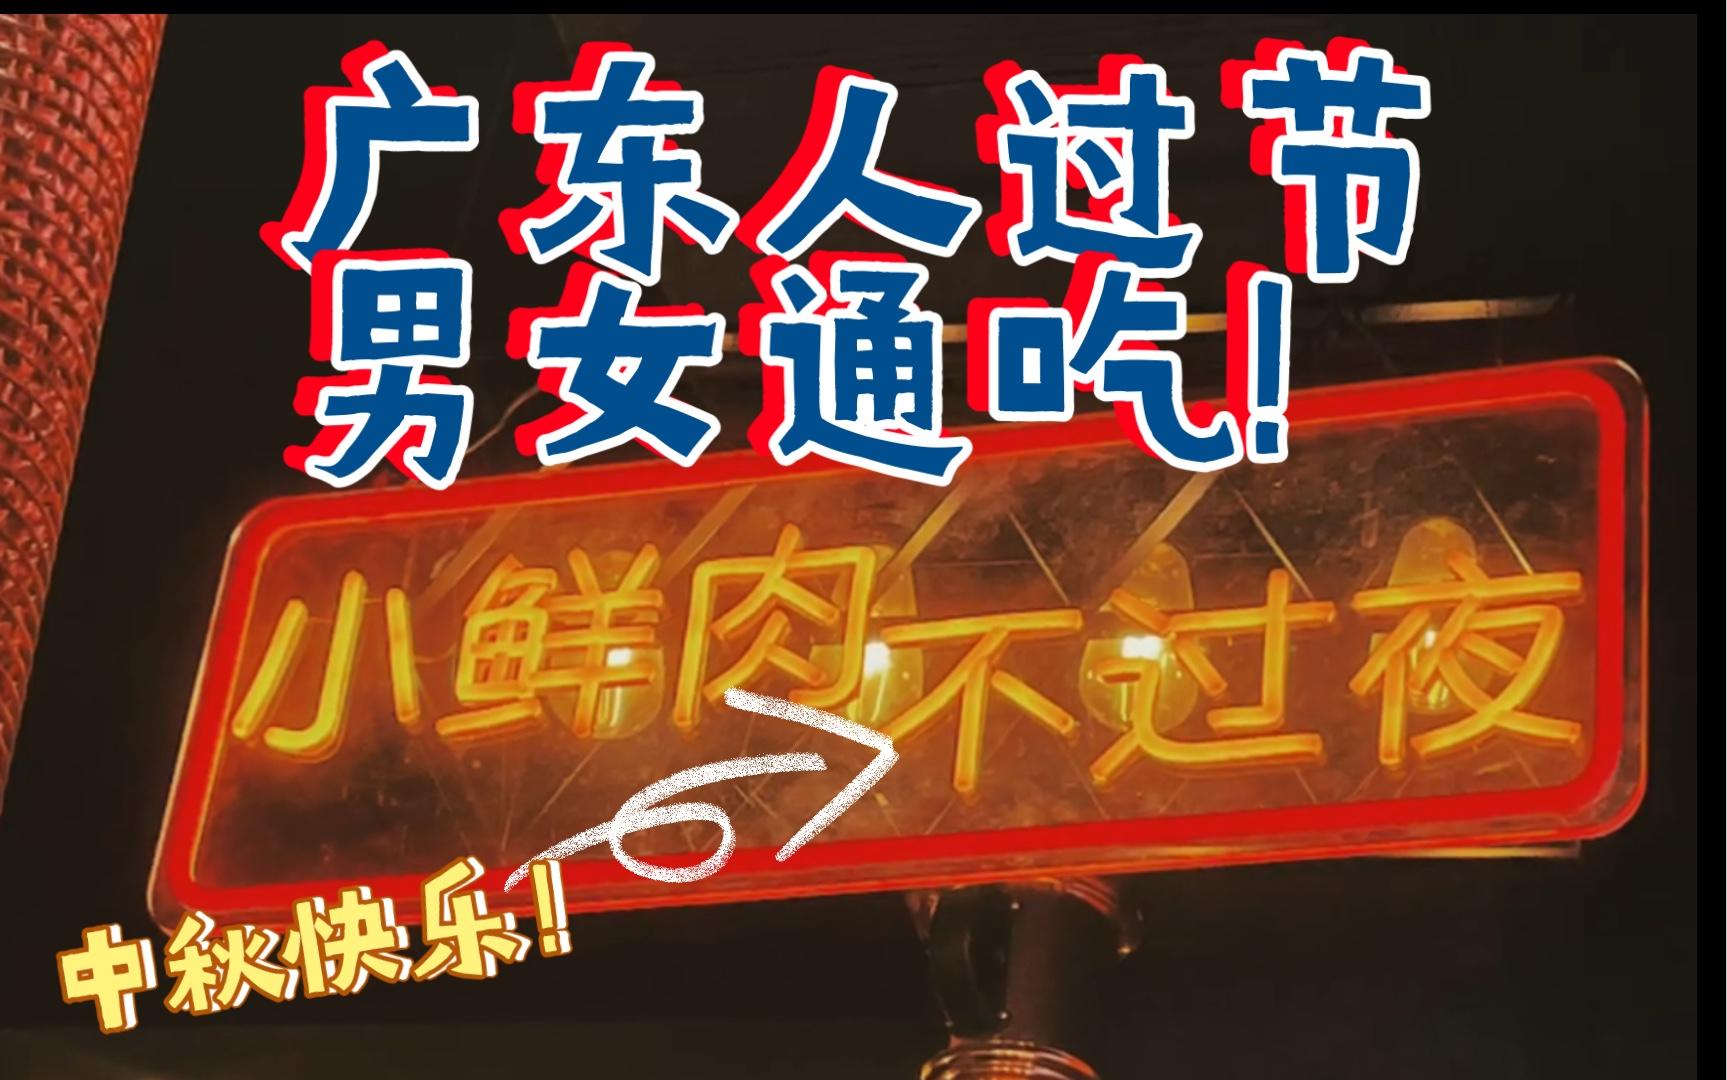 无法抵挡的小鲜肉,广东人过中秋必备节目!